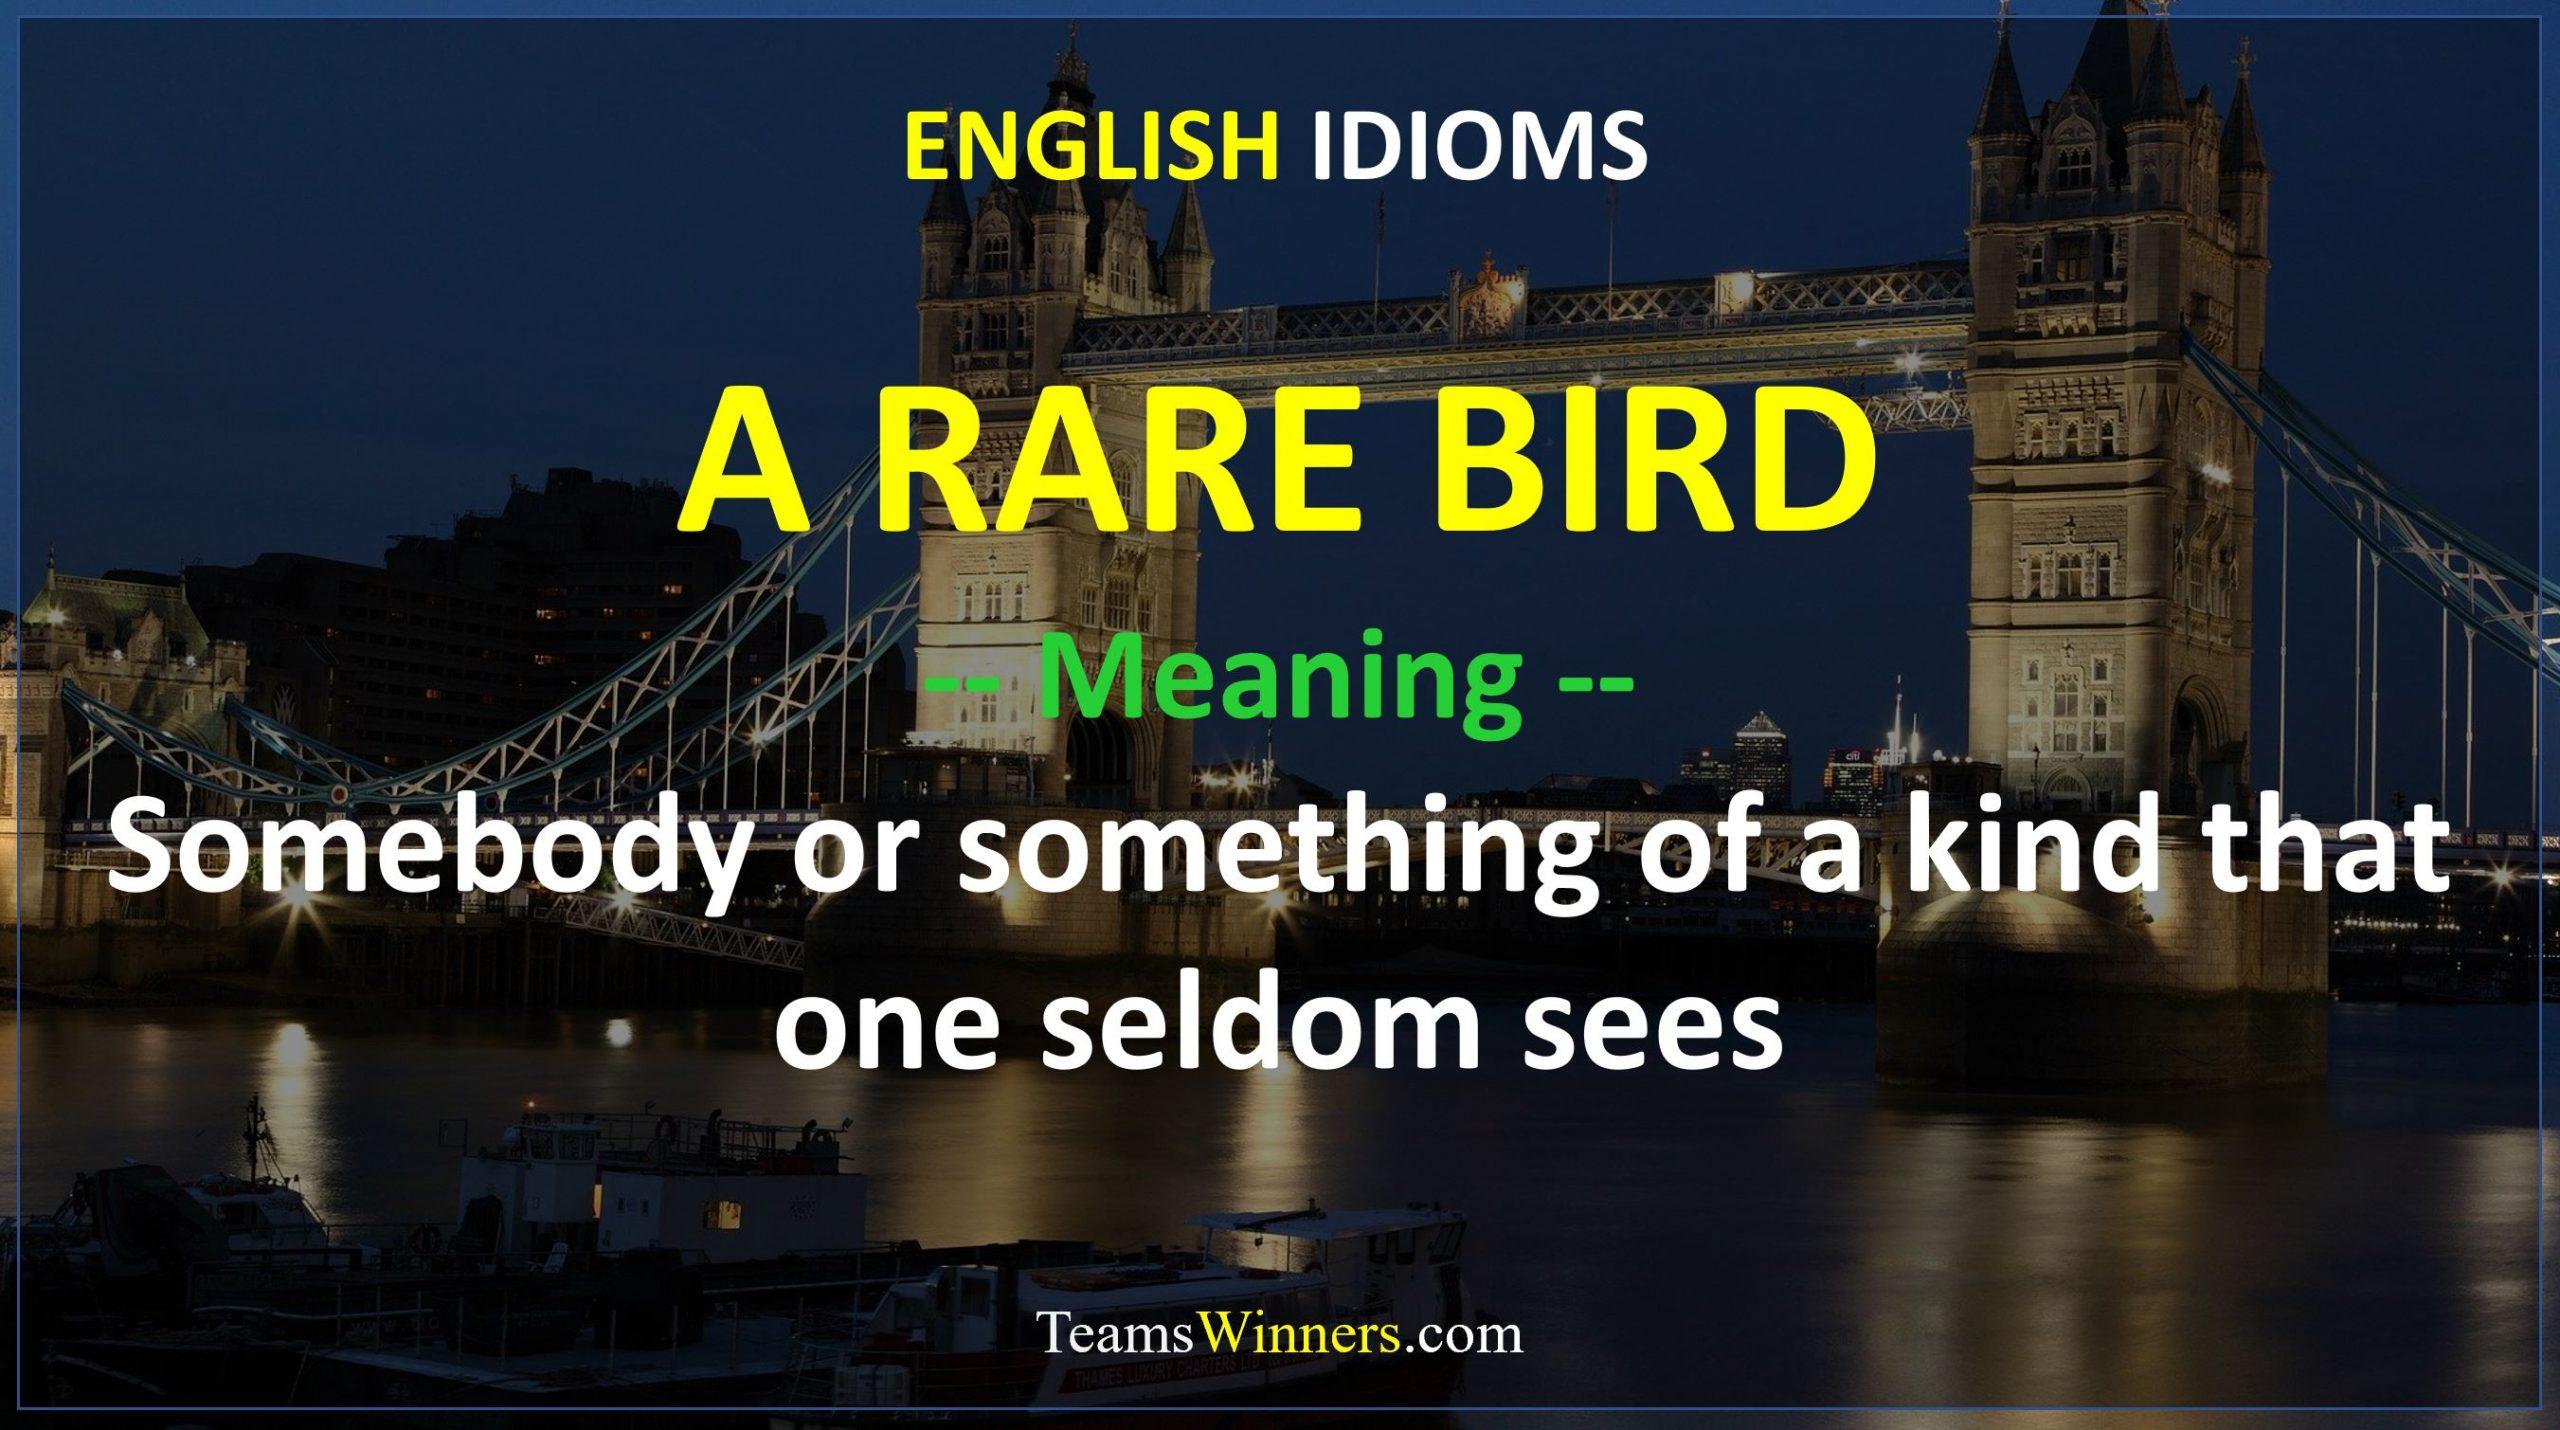 English Idiom - A Rare Bird